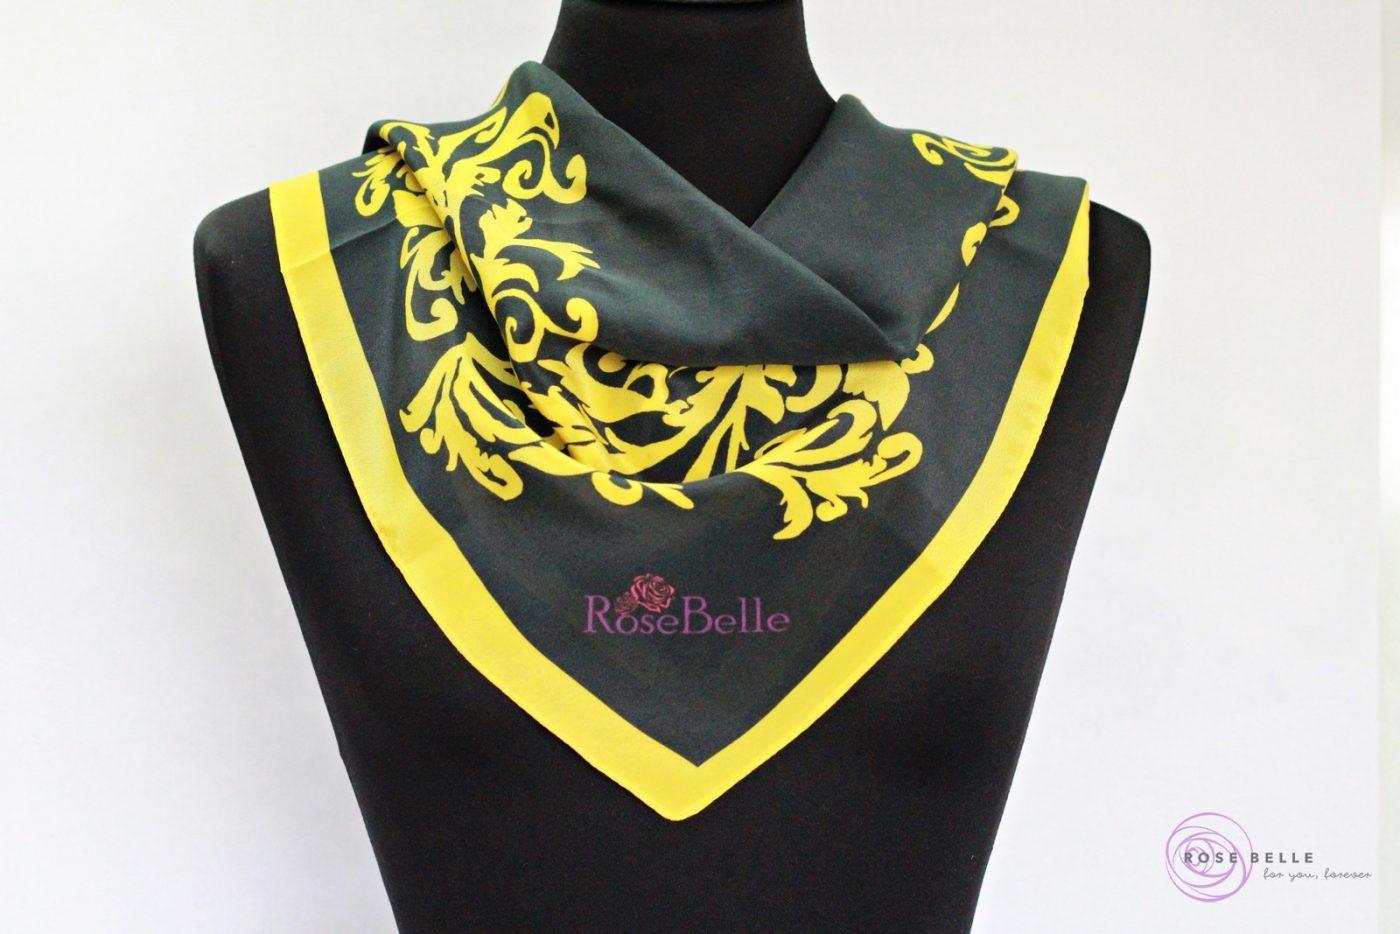 Černý s žlutě květinovým ornamentem